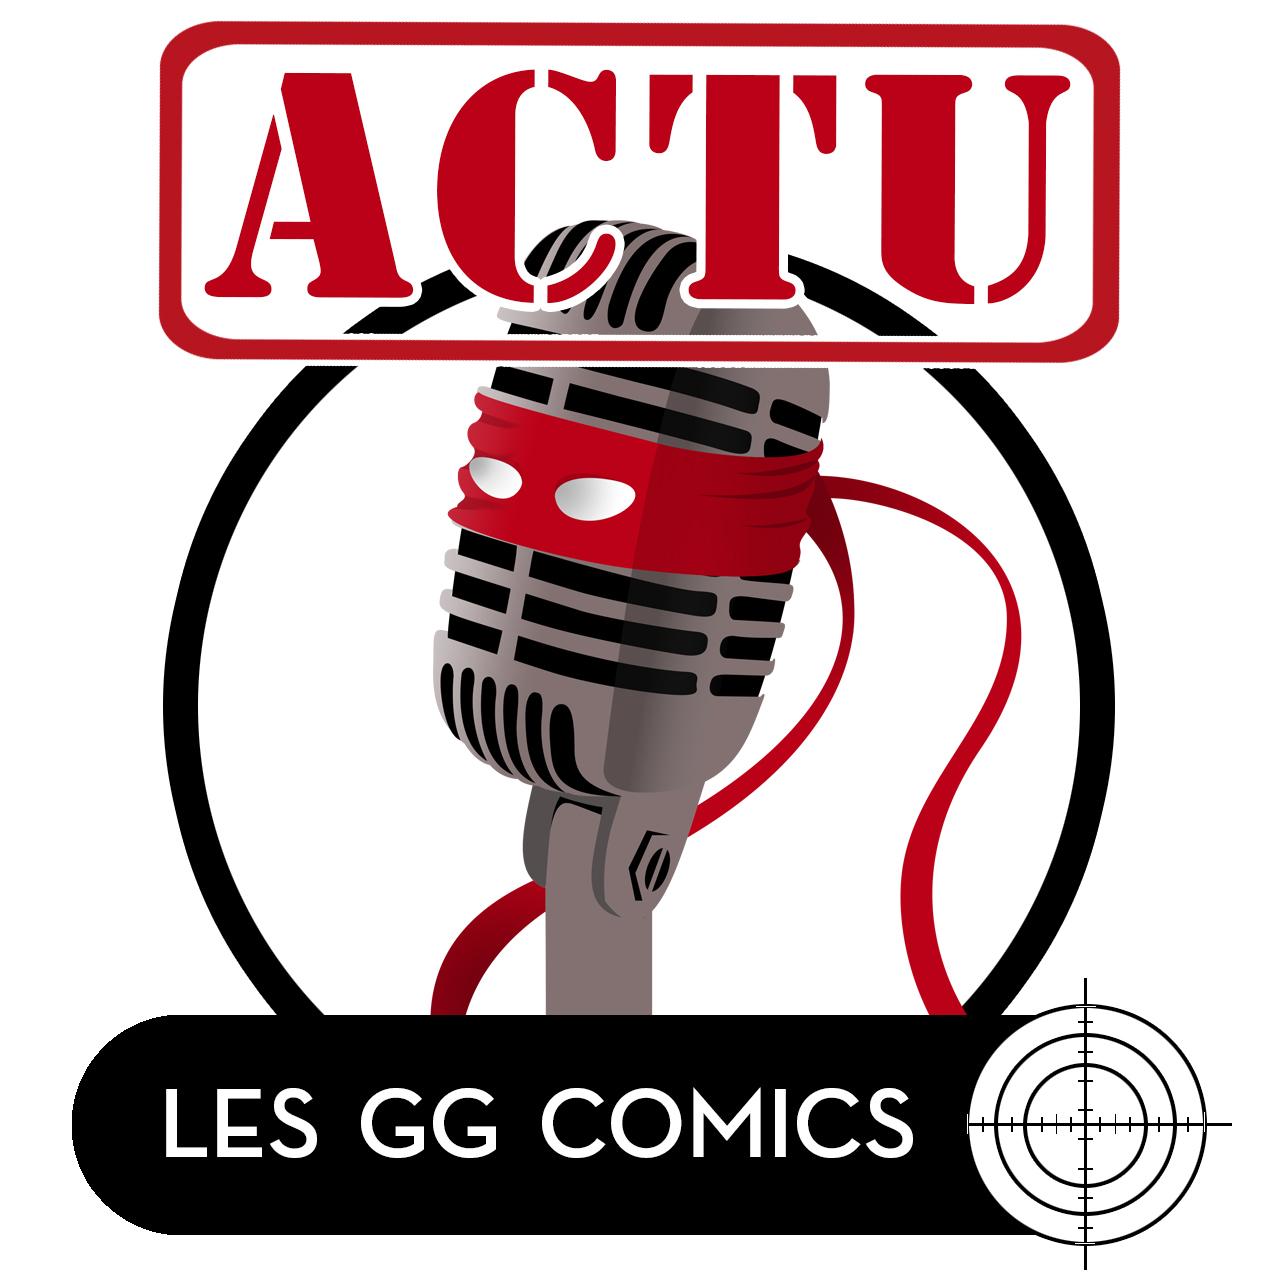 Les GG comics Actu #8 : Vers une restructuration ?